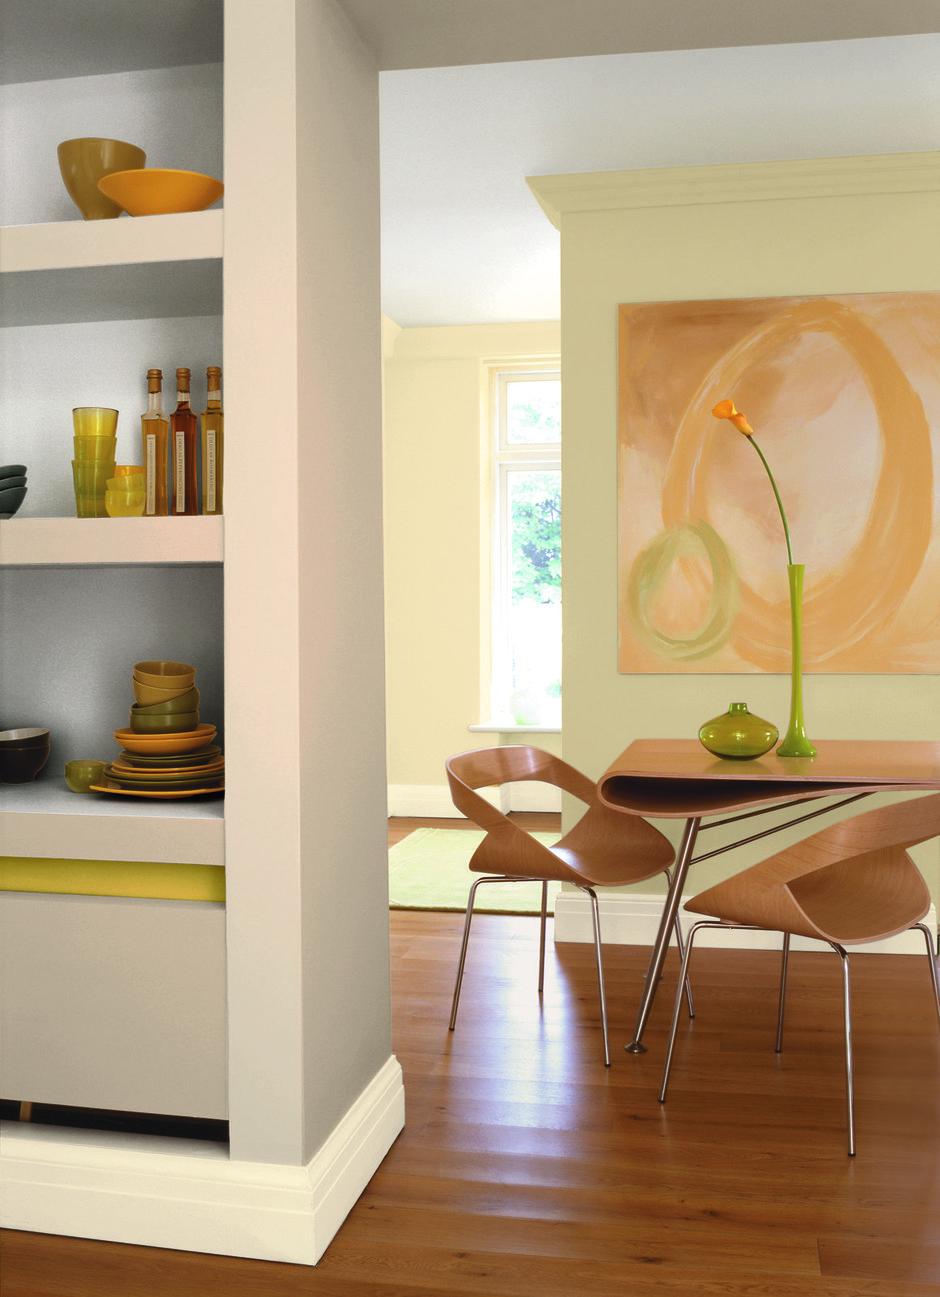 Фотография: Кухня и столовая в стиле Современный, Декор интерьера, Дизайн интерьера, Цвет в интерьере, Советы, Dulux, Серый – фото на InMyRoom.ru